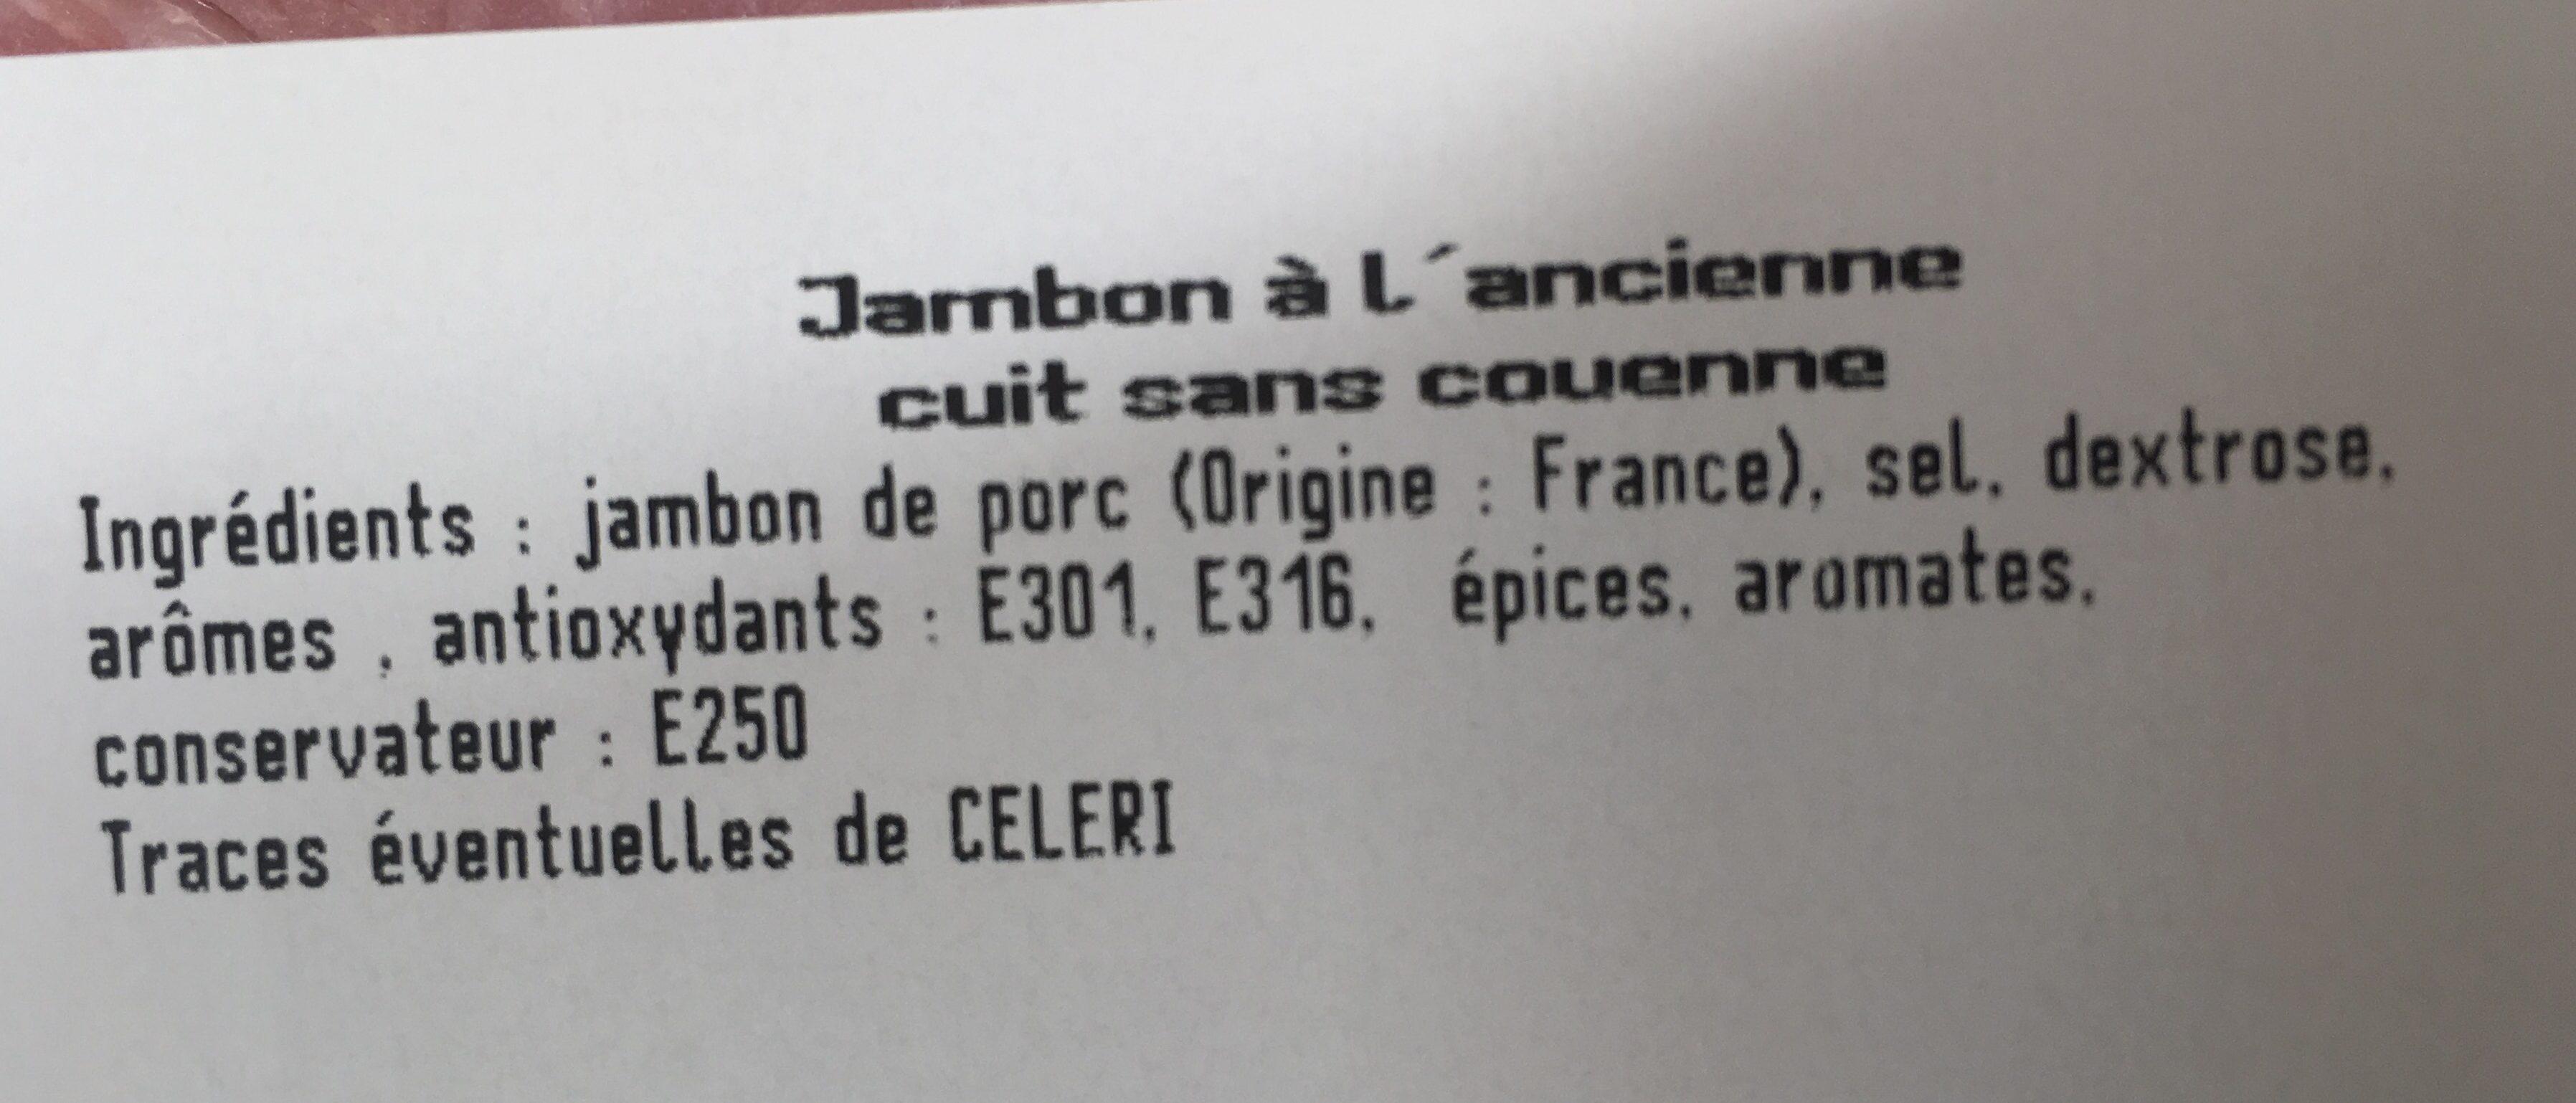 Jambon à l'ancienne - Ingrédients